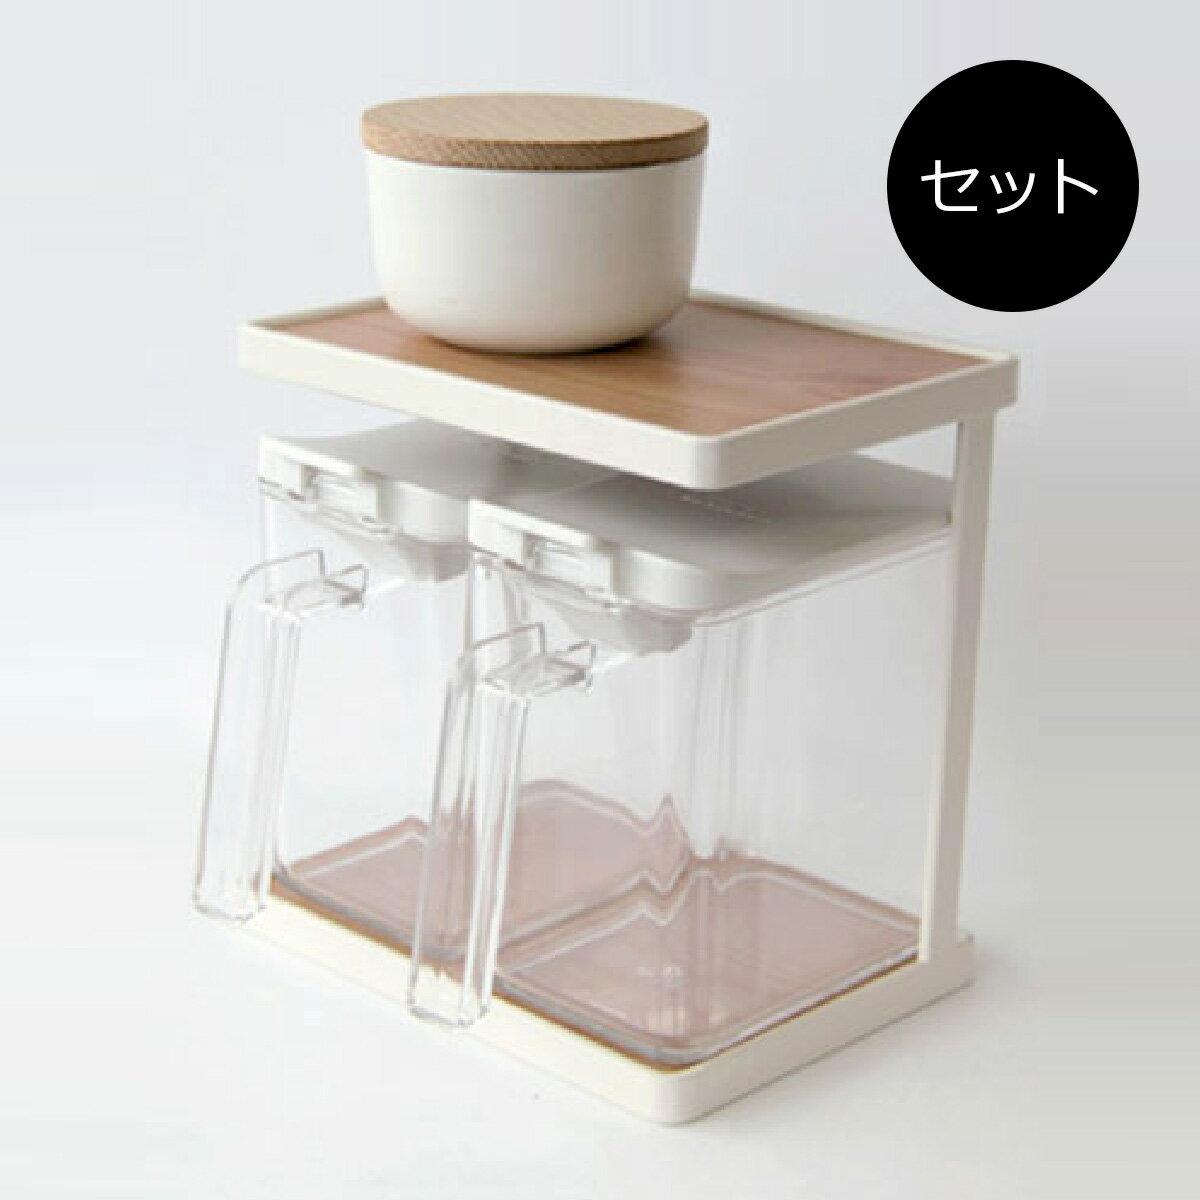 調味料入れ セット [セット販売●b2c スパイスラック ミニ(1台)+スパイスコンテナ(2個)セット] キッチン#SL_KTの写真